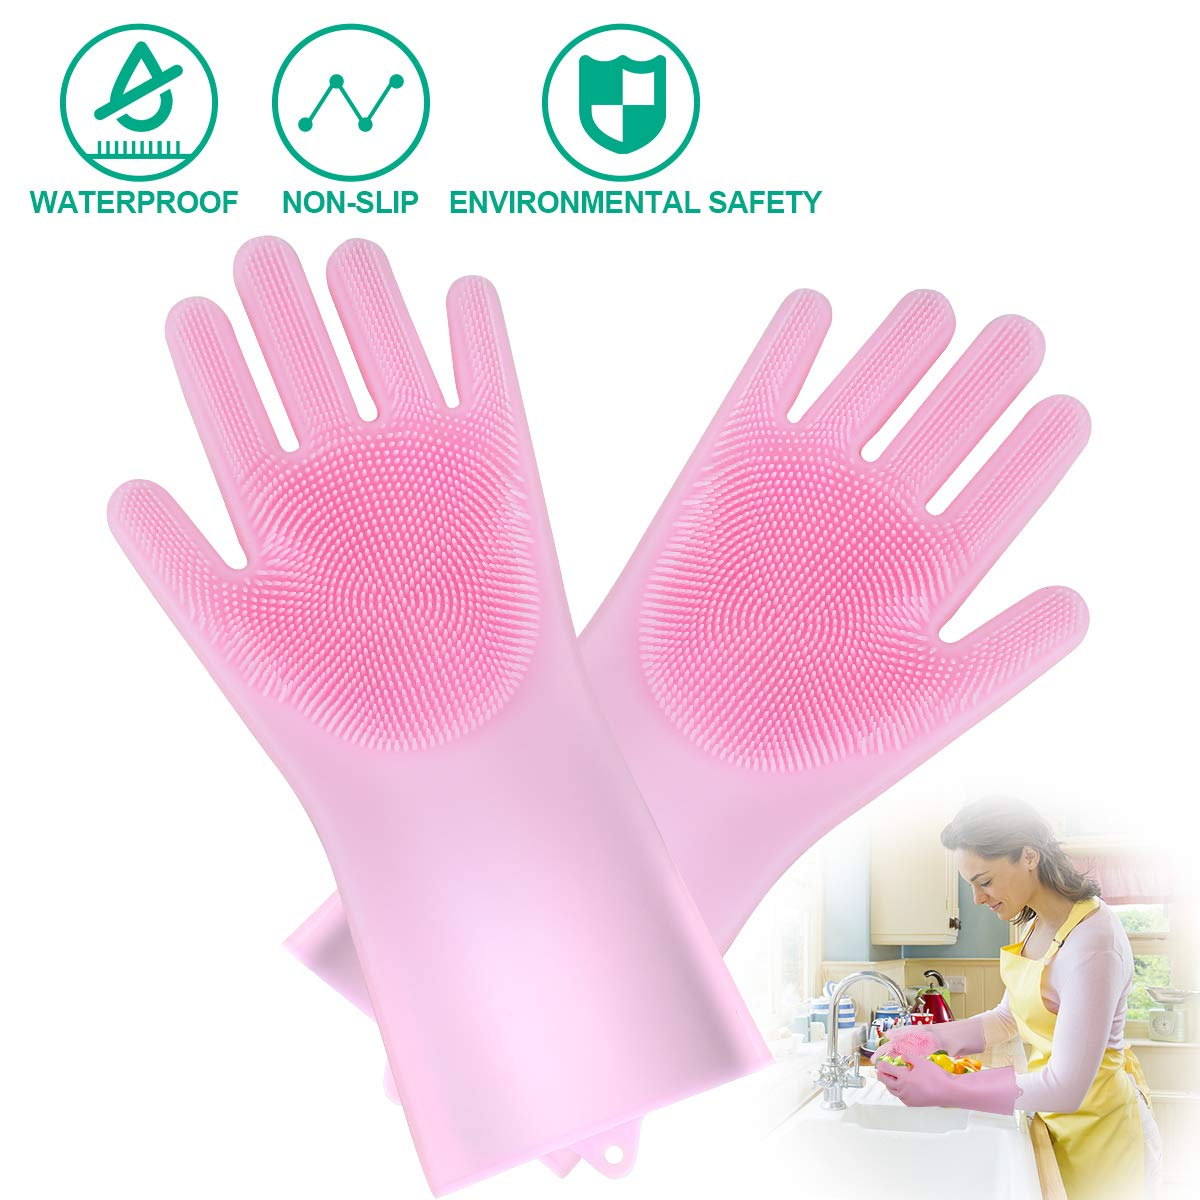 JBingGG Magic Silicone Dishwashing Gloves Magic Silicone Gloves Dishwasher Gloves Kitchen Tool for Cleaning, Dish Washing, Washing The Car, Pet Hair Care - 1 Pair (Pink)